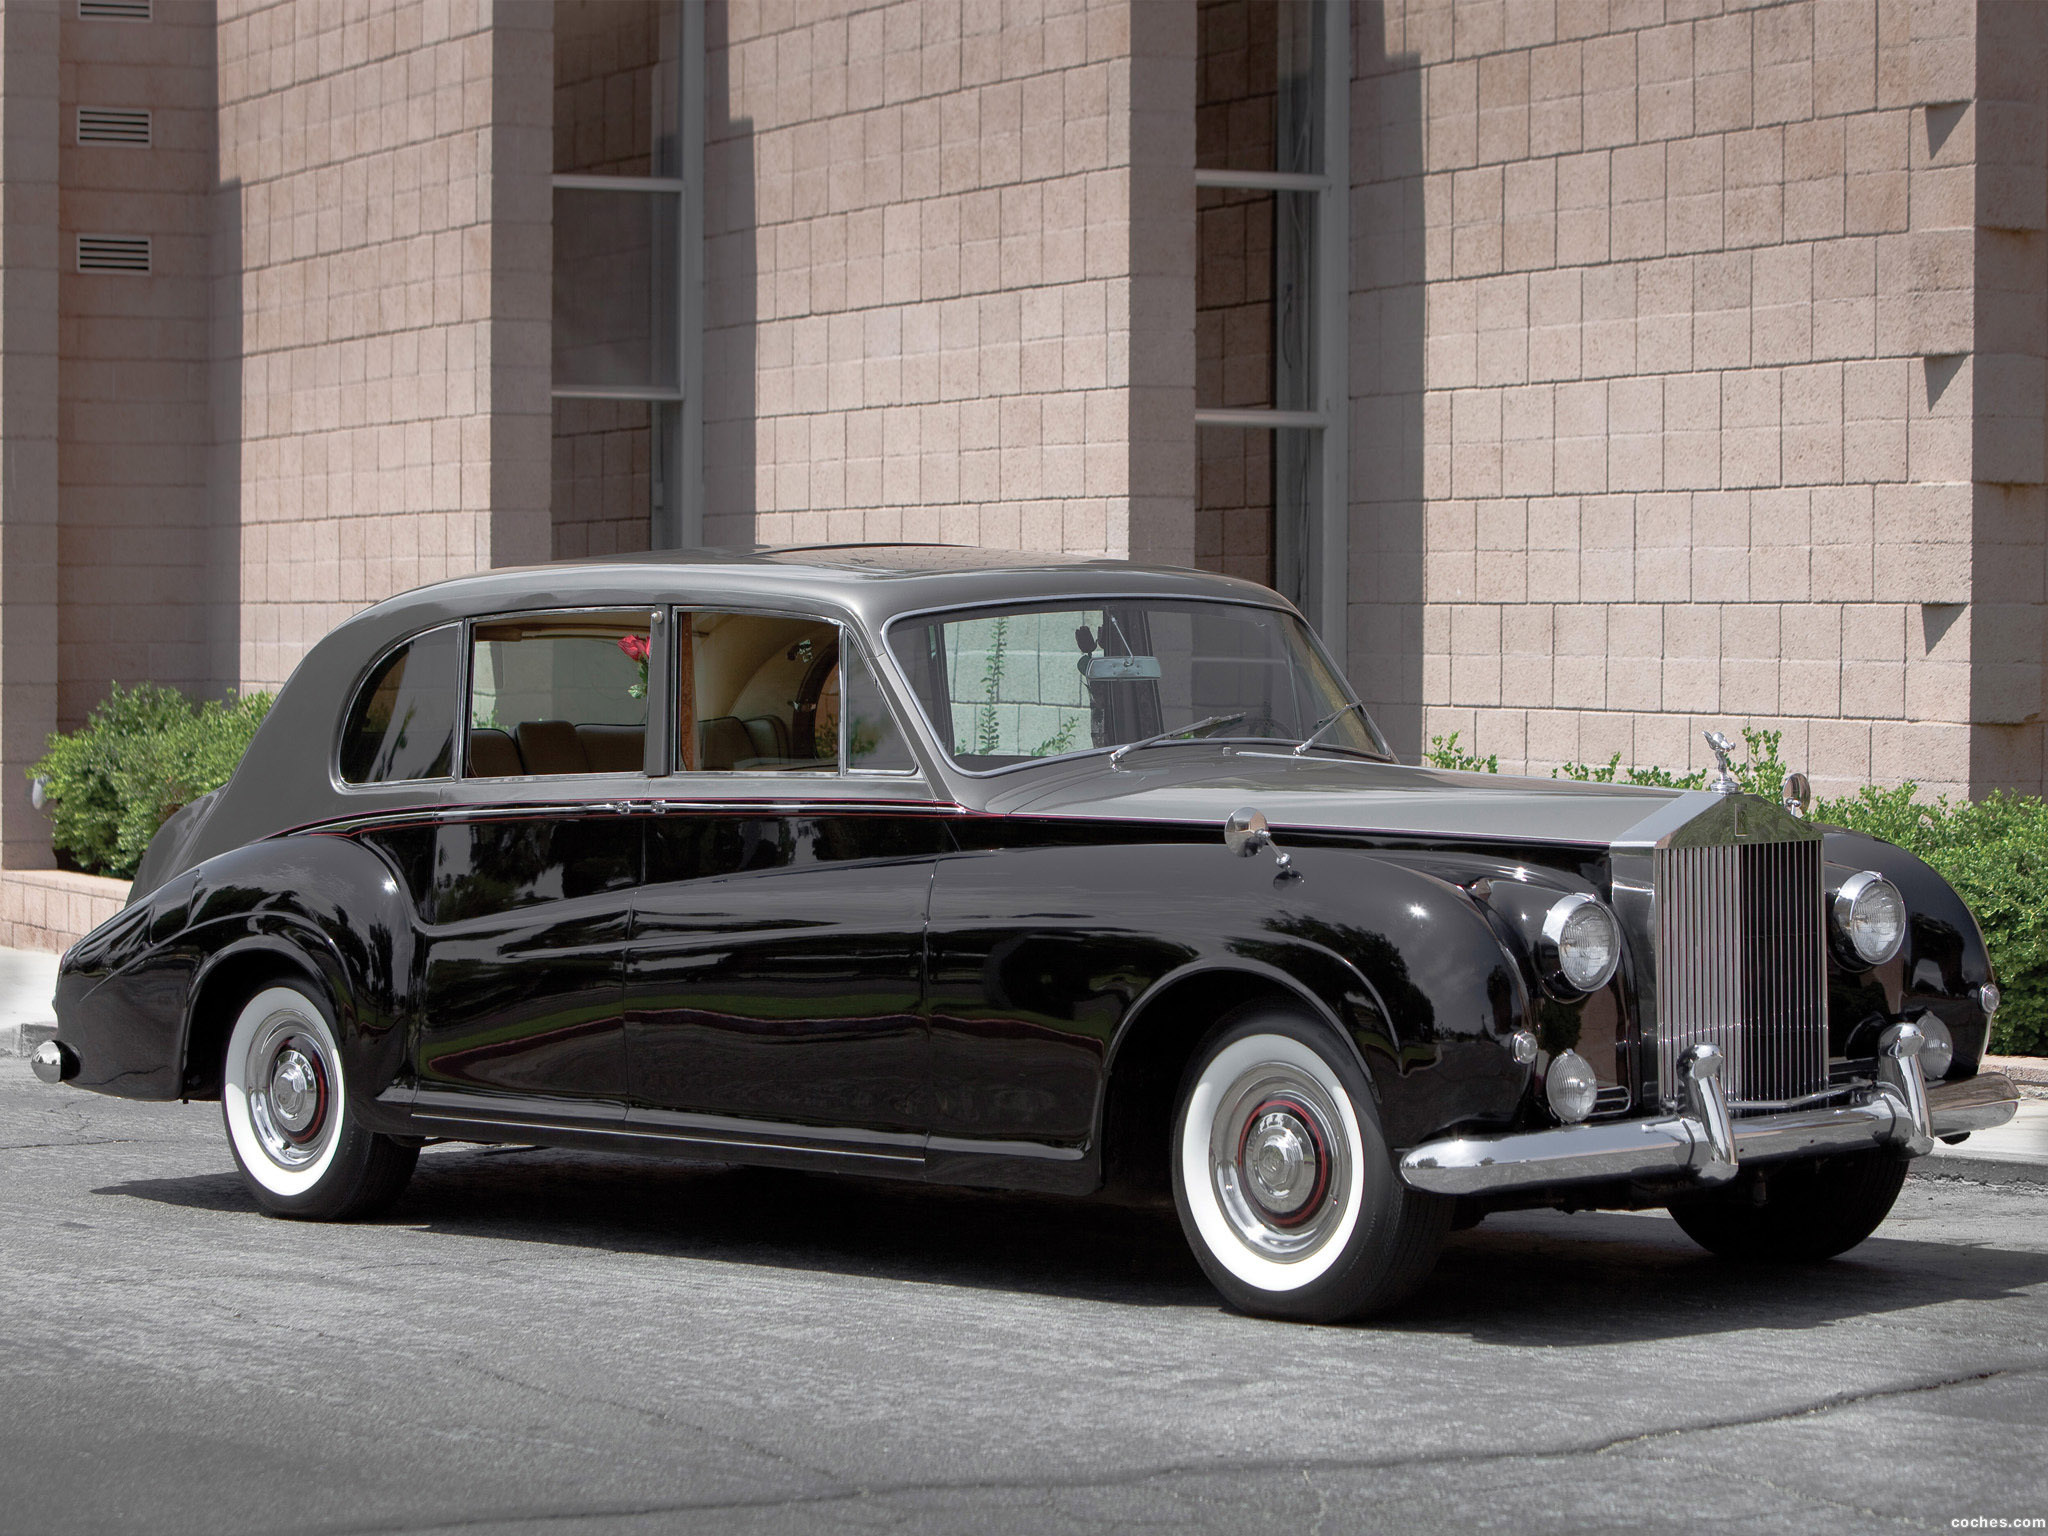 A Classic Cars Canberra